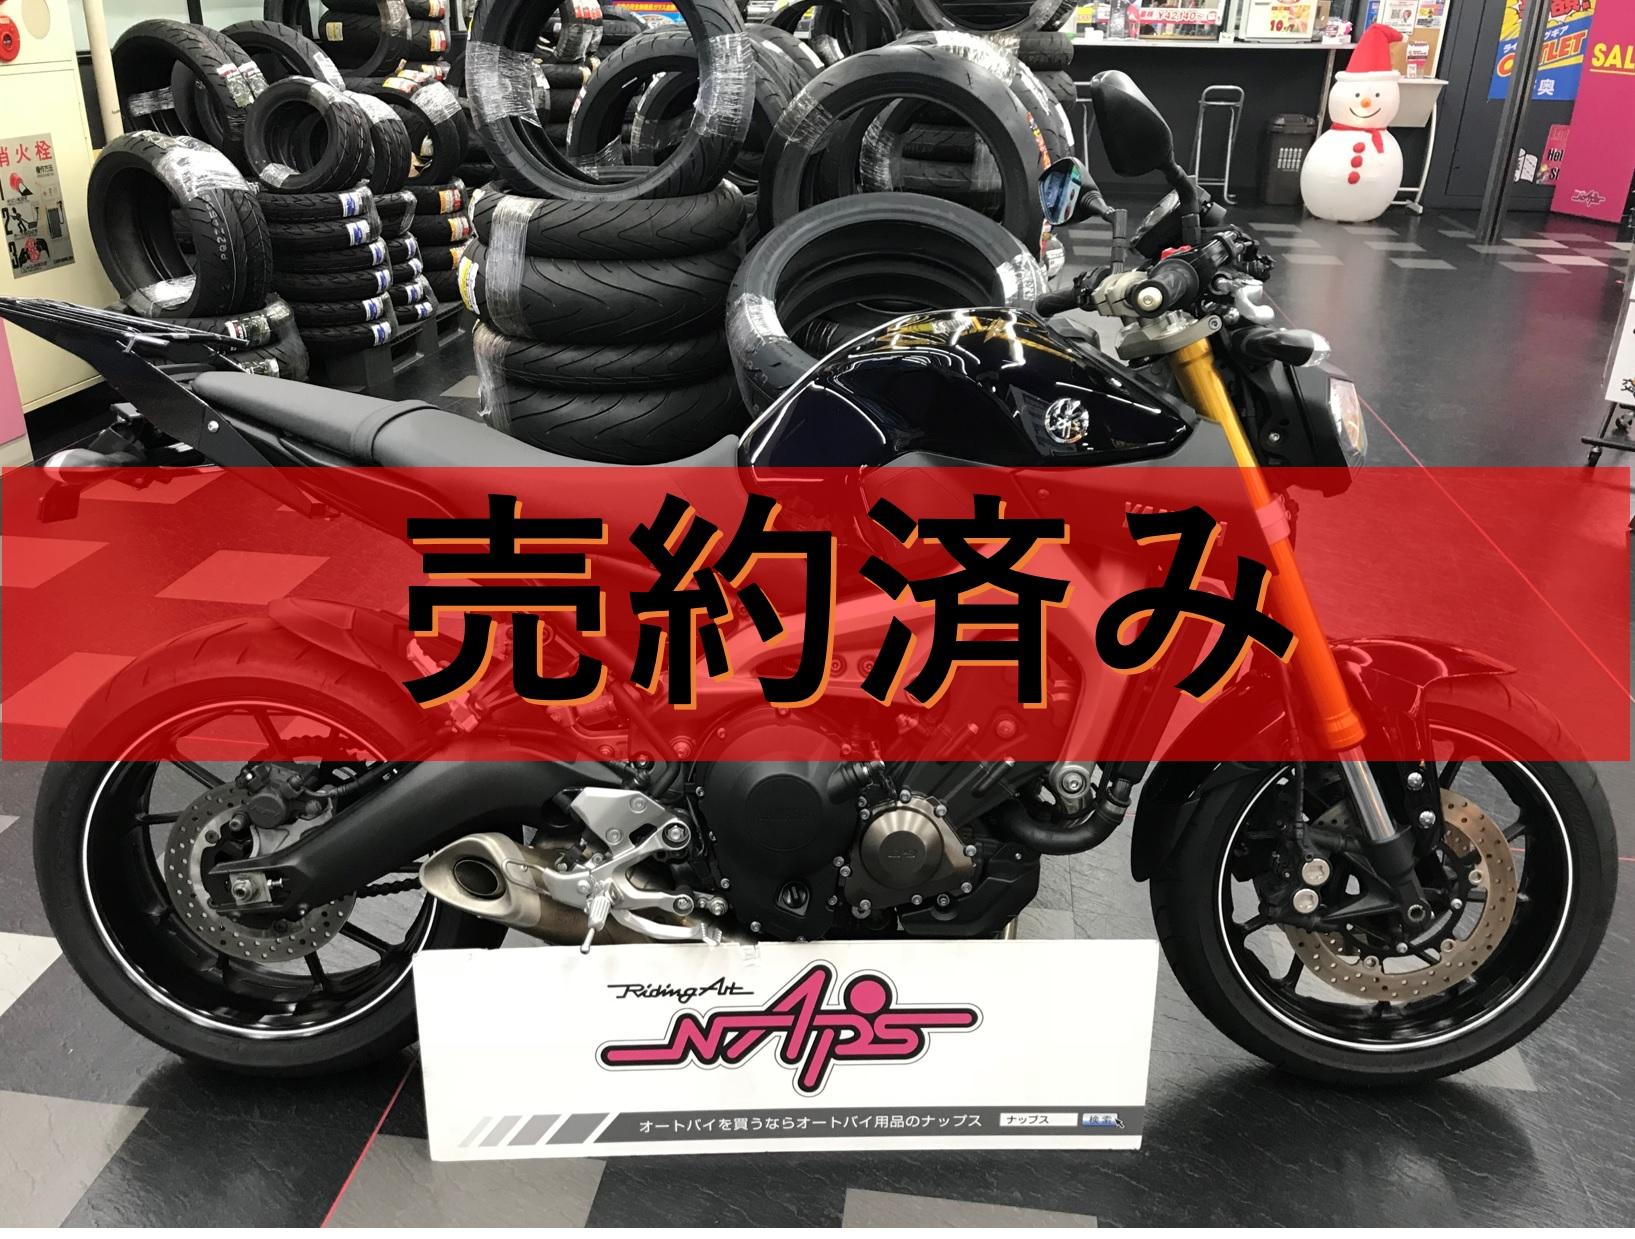 YAMAHA 【販売車両】MT-09 社外ハンドル/フェンダーレス/リアキャリア付き